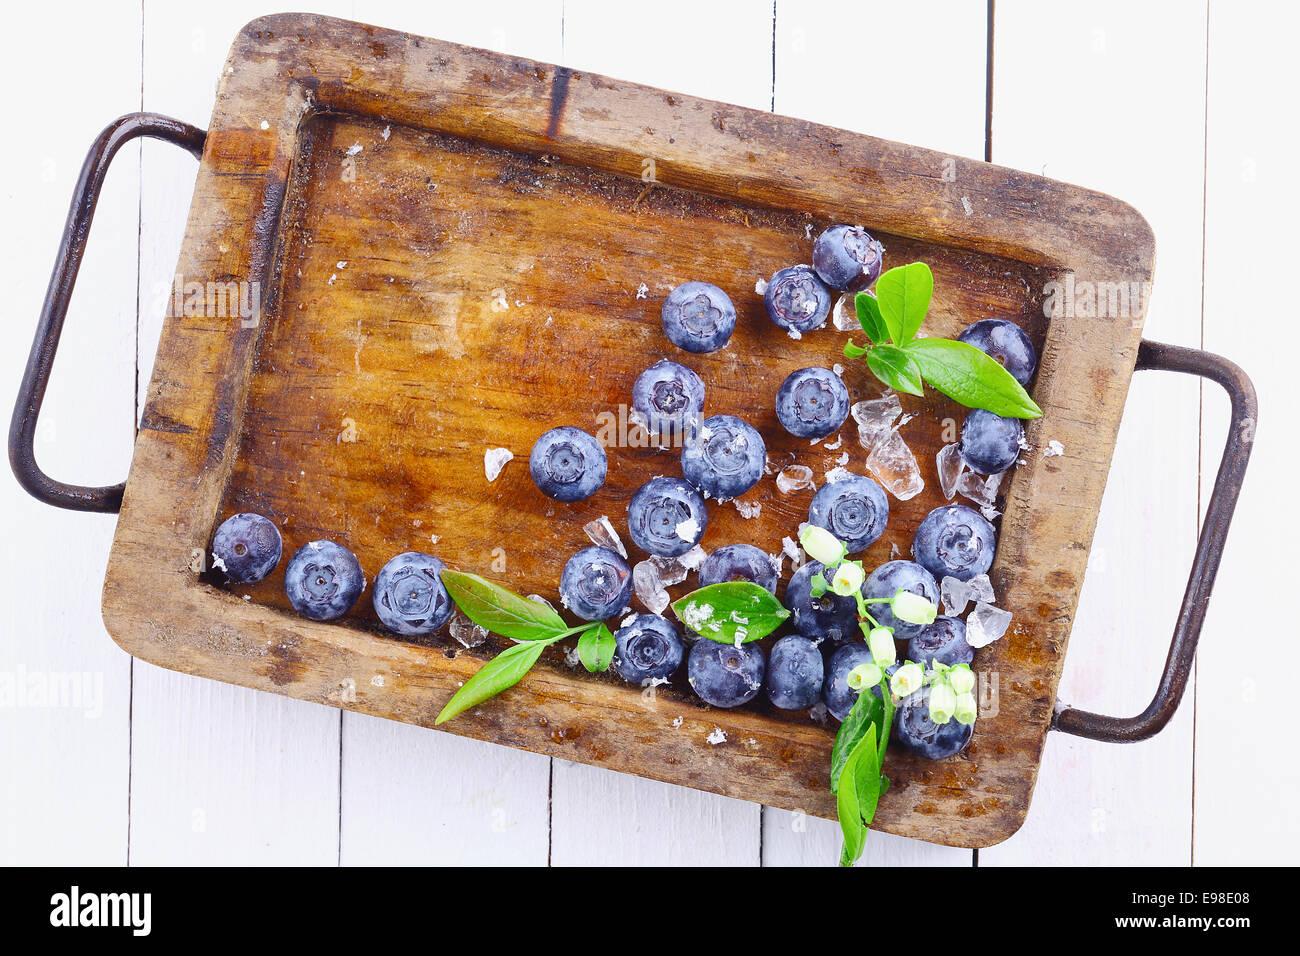 Arándanos maduros o arándanos en un viejo sucio bandeja de madera con una pequeña rama floreada sobre Imagen De Stock